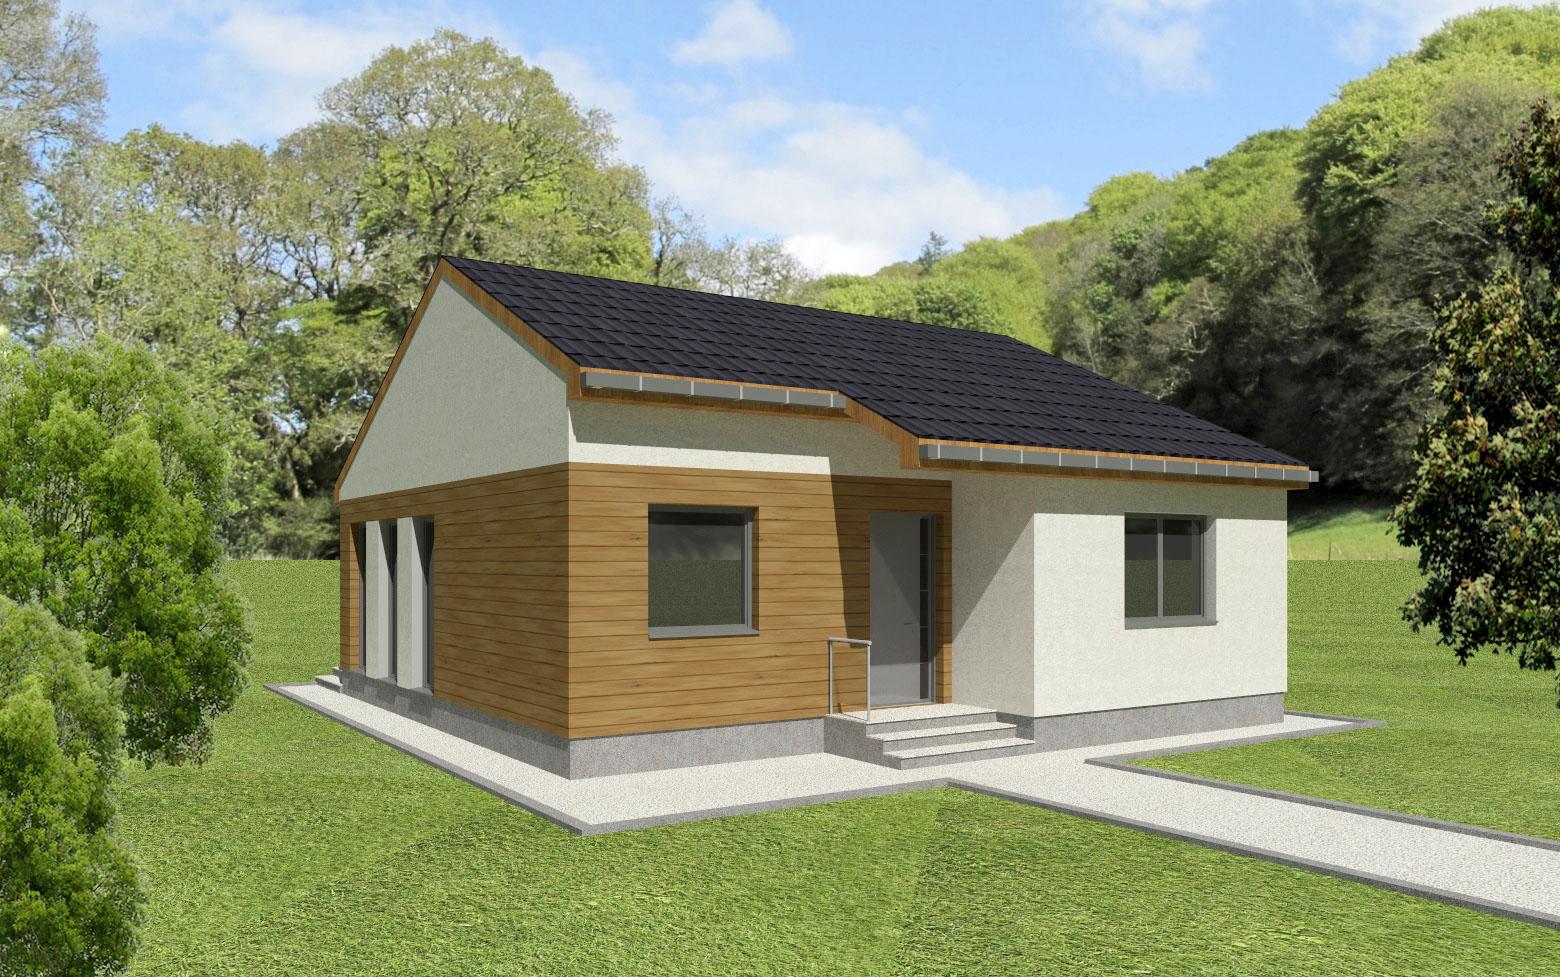 Maison en bois Egniatia